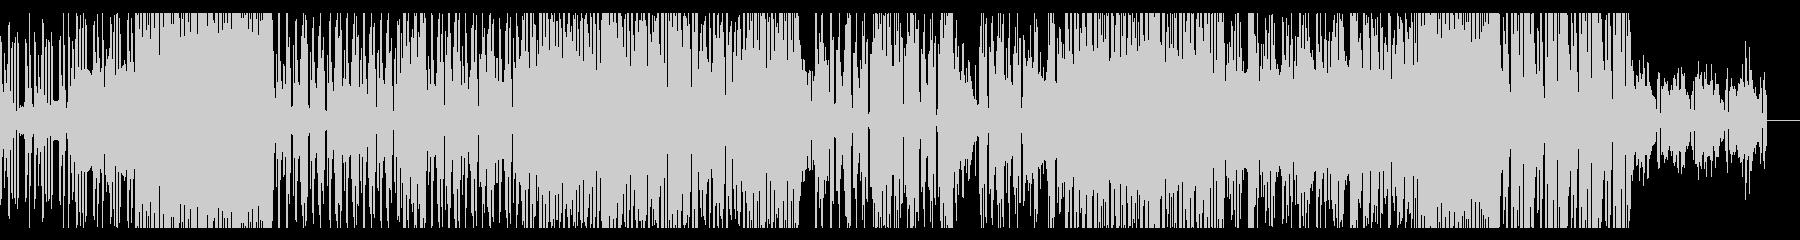 不気味な雰囲気のテクノBGMの未再生の波形